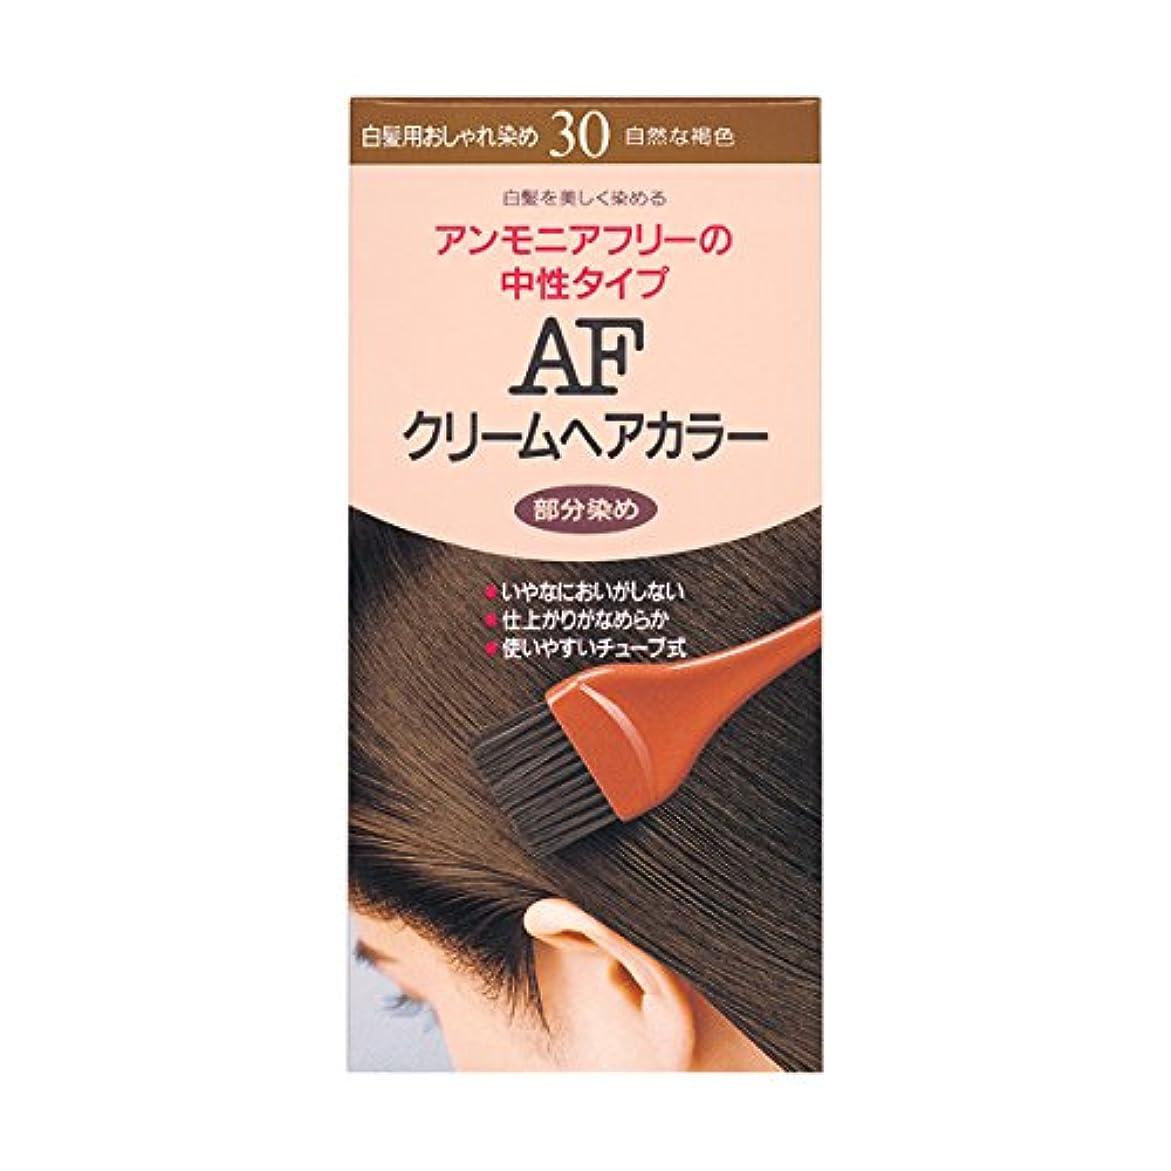 マンモスローラーヘアカラー AFクリームヘアカラー 30 【医薬部外品】